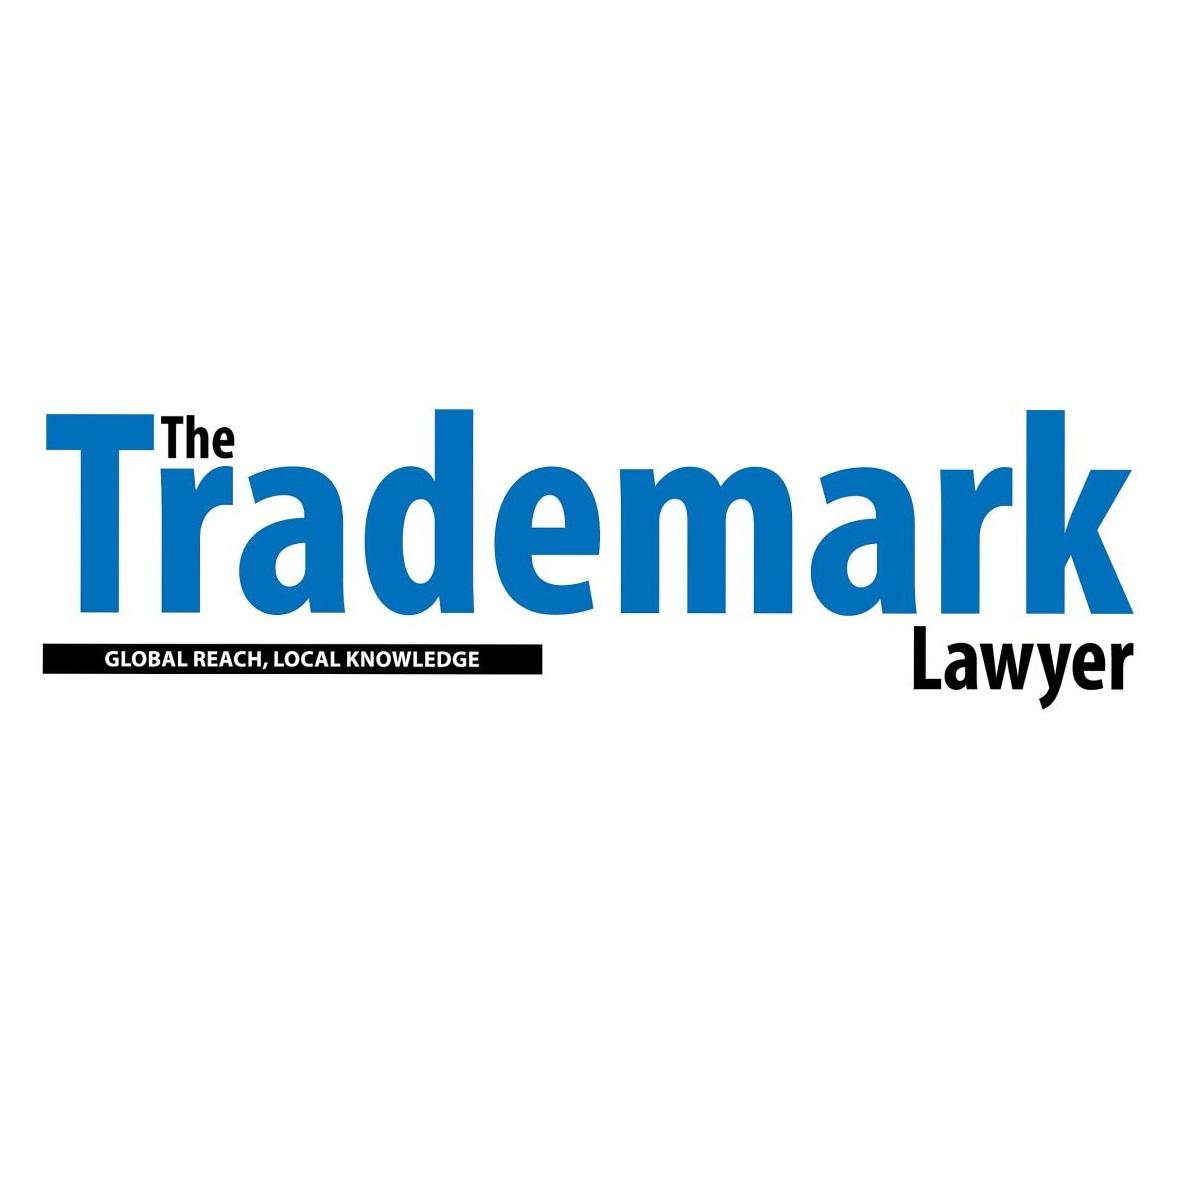 Trademarklawyer